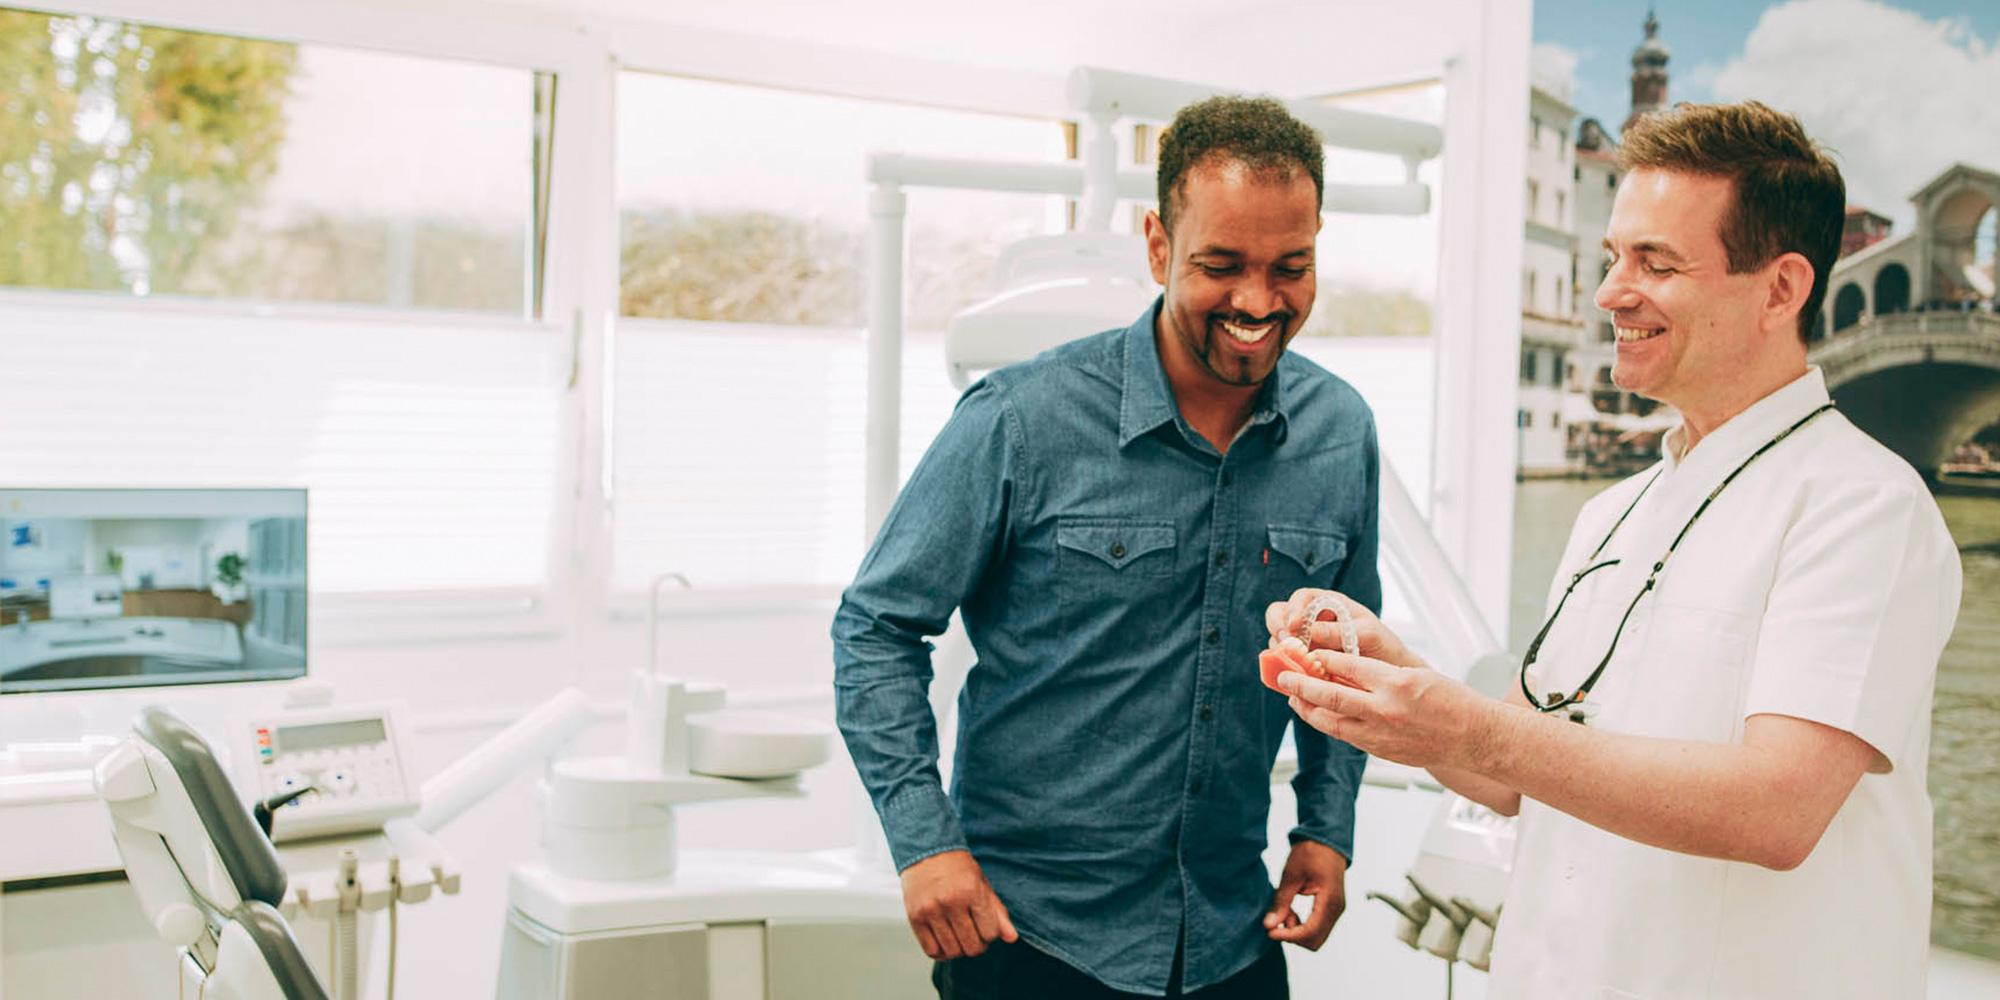 Mit der unsichtbaren Zahnschiene für Erwachsene sind Zahnkorrekturen unauffällig möglich.